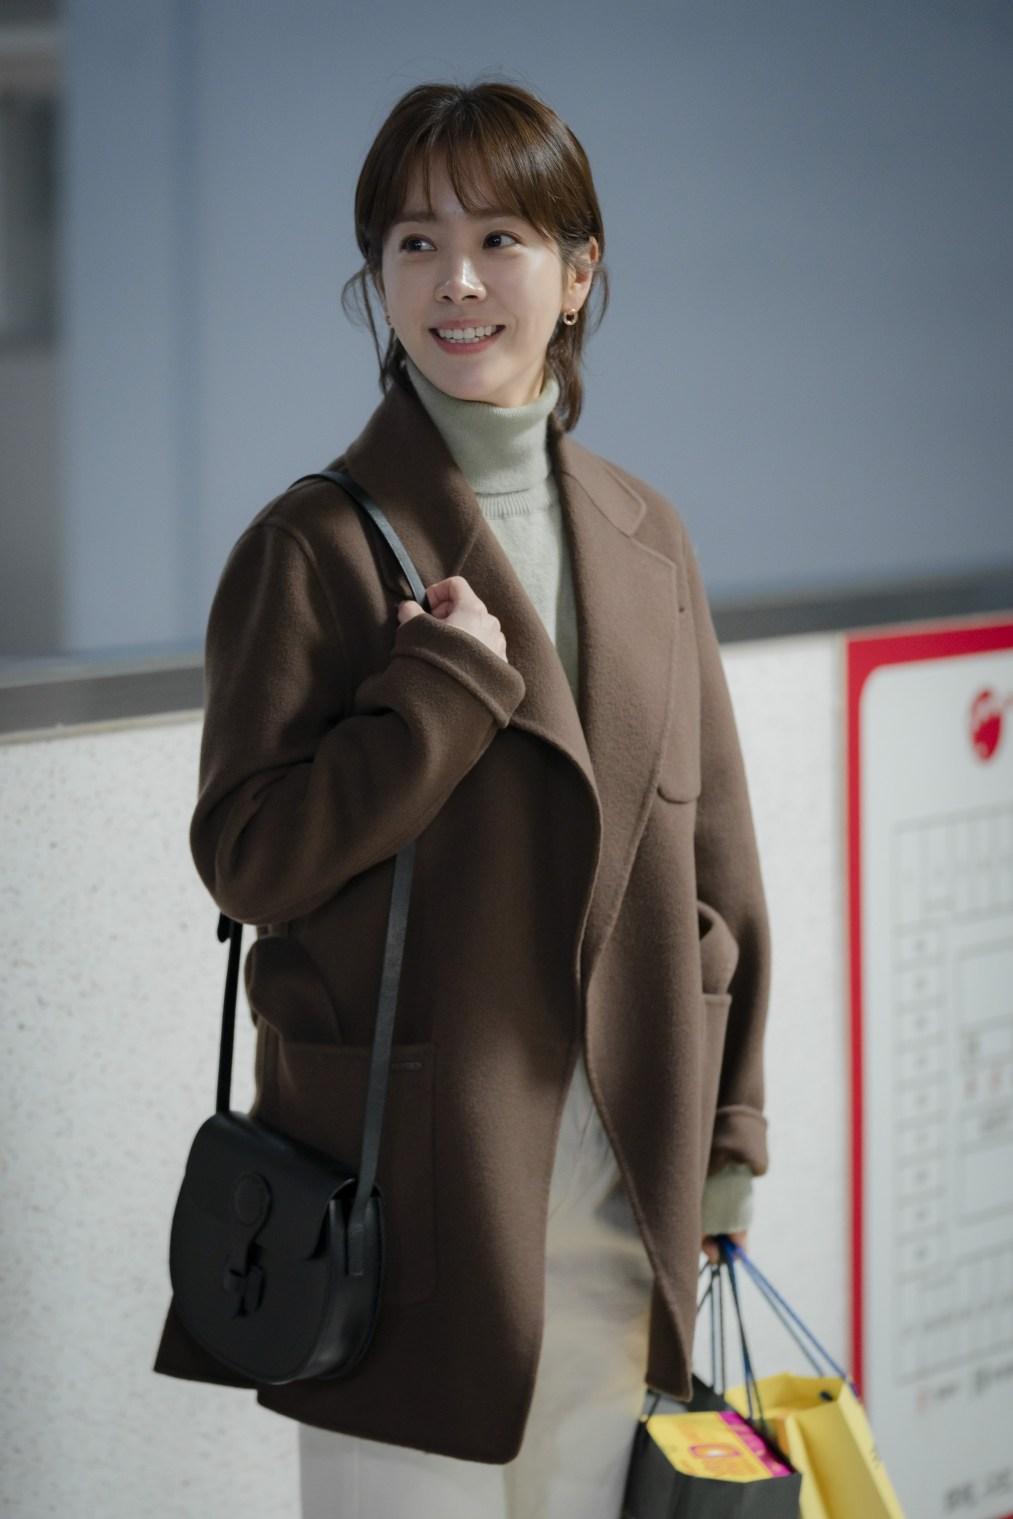 5 kiểu áo khoác chưa bao giờ hết mốt trong phim Hàn, sắm đủ thì bạn sẽ mặc đẹp và sang hơn hẳn mùa lạnh năm ngoái 9